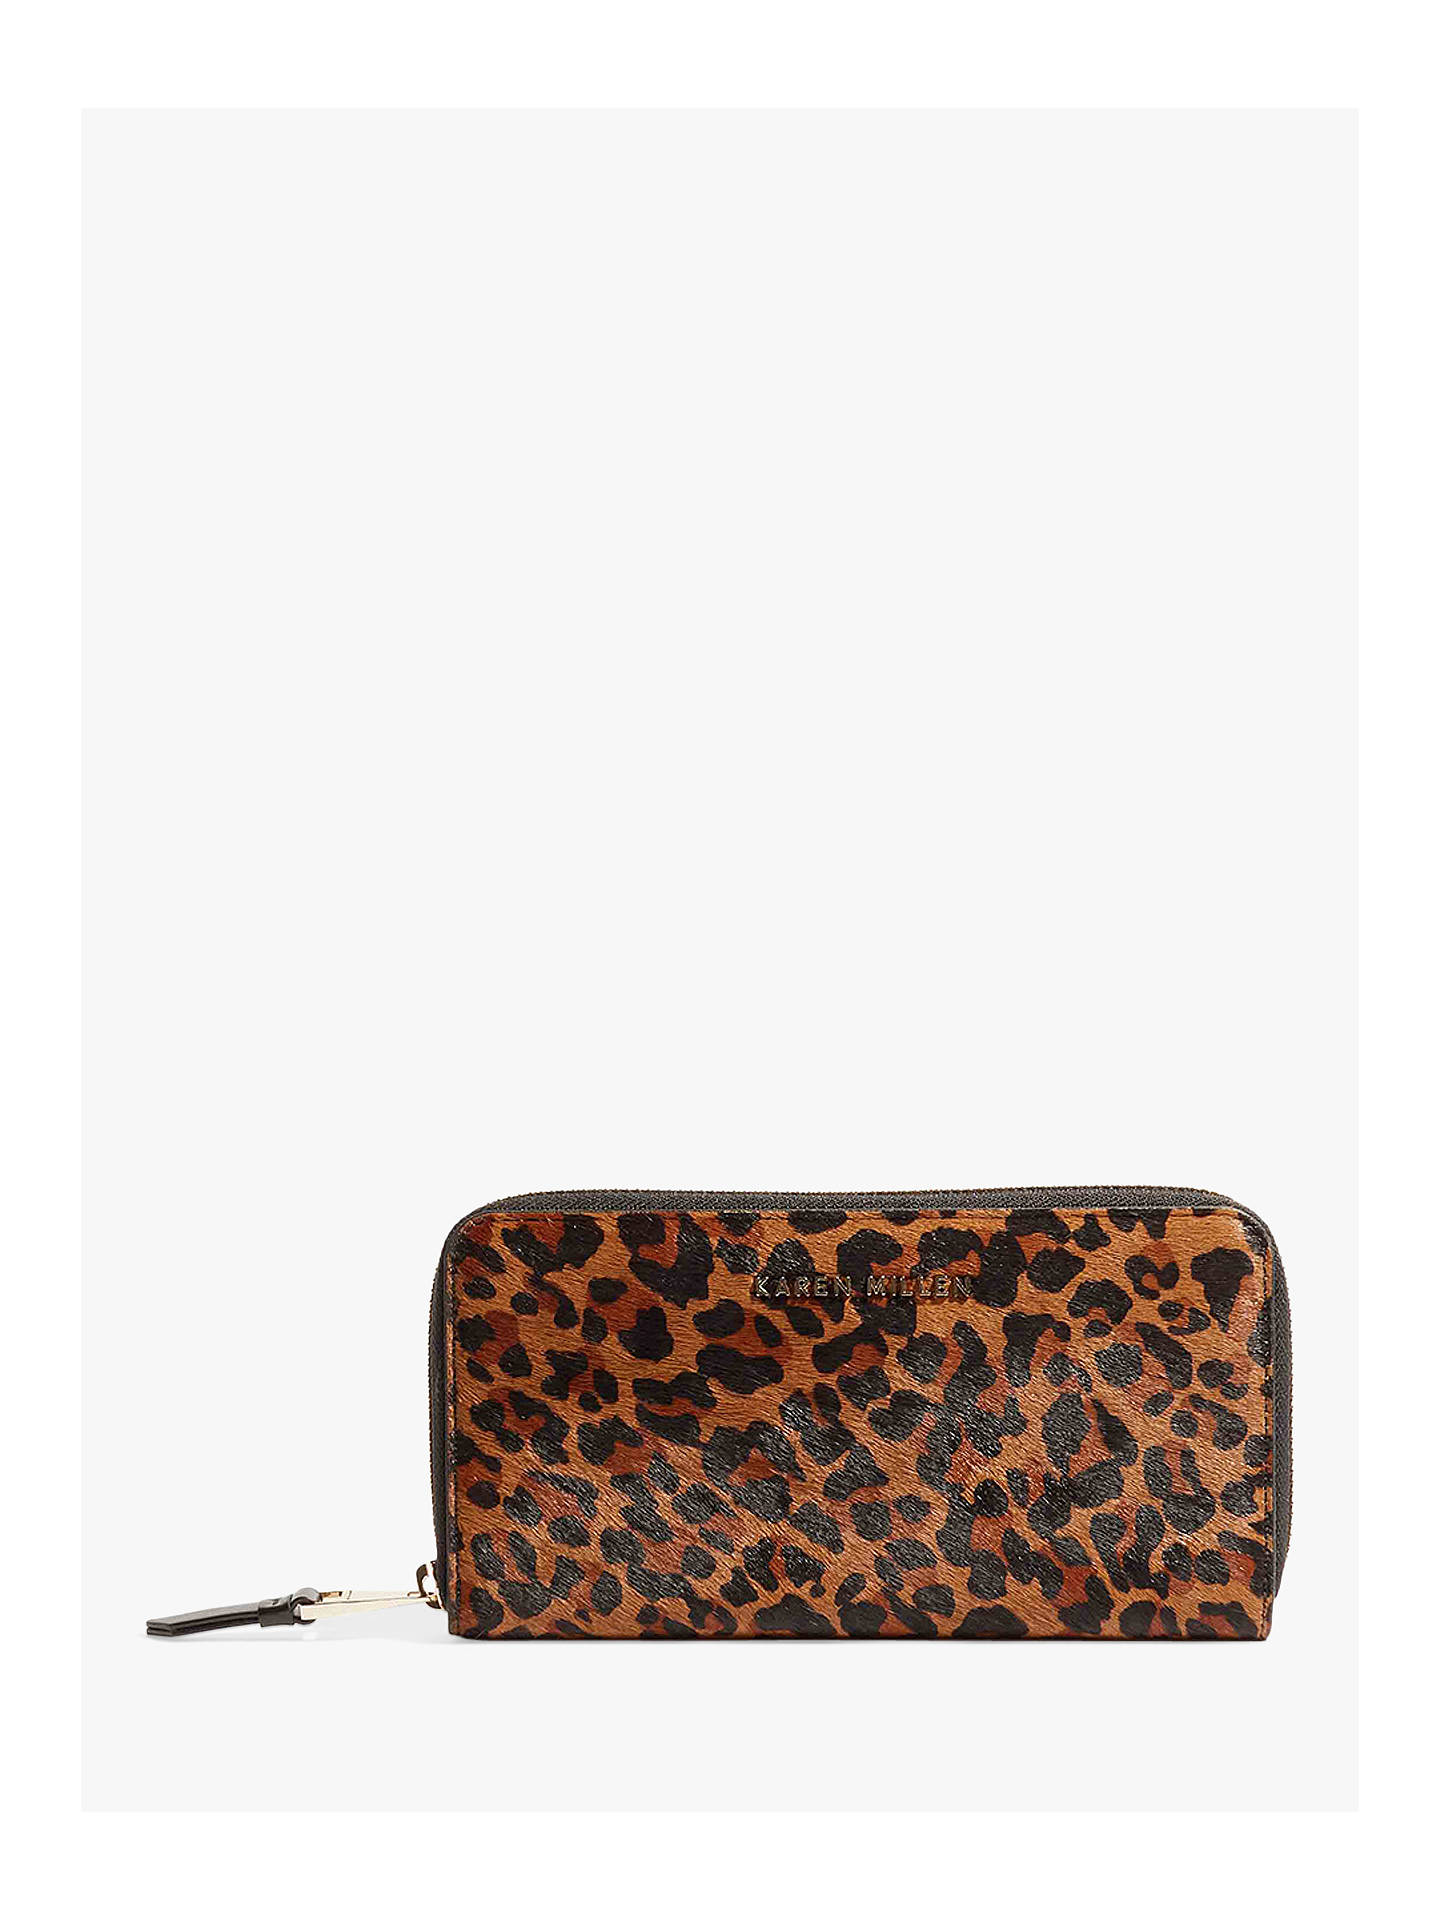 054c7b2de5b Buy Karen Millen Zip Around Leather Purse, Leopard Online at johnlewis.com  ...